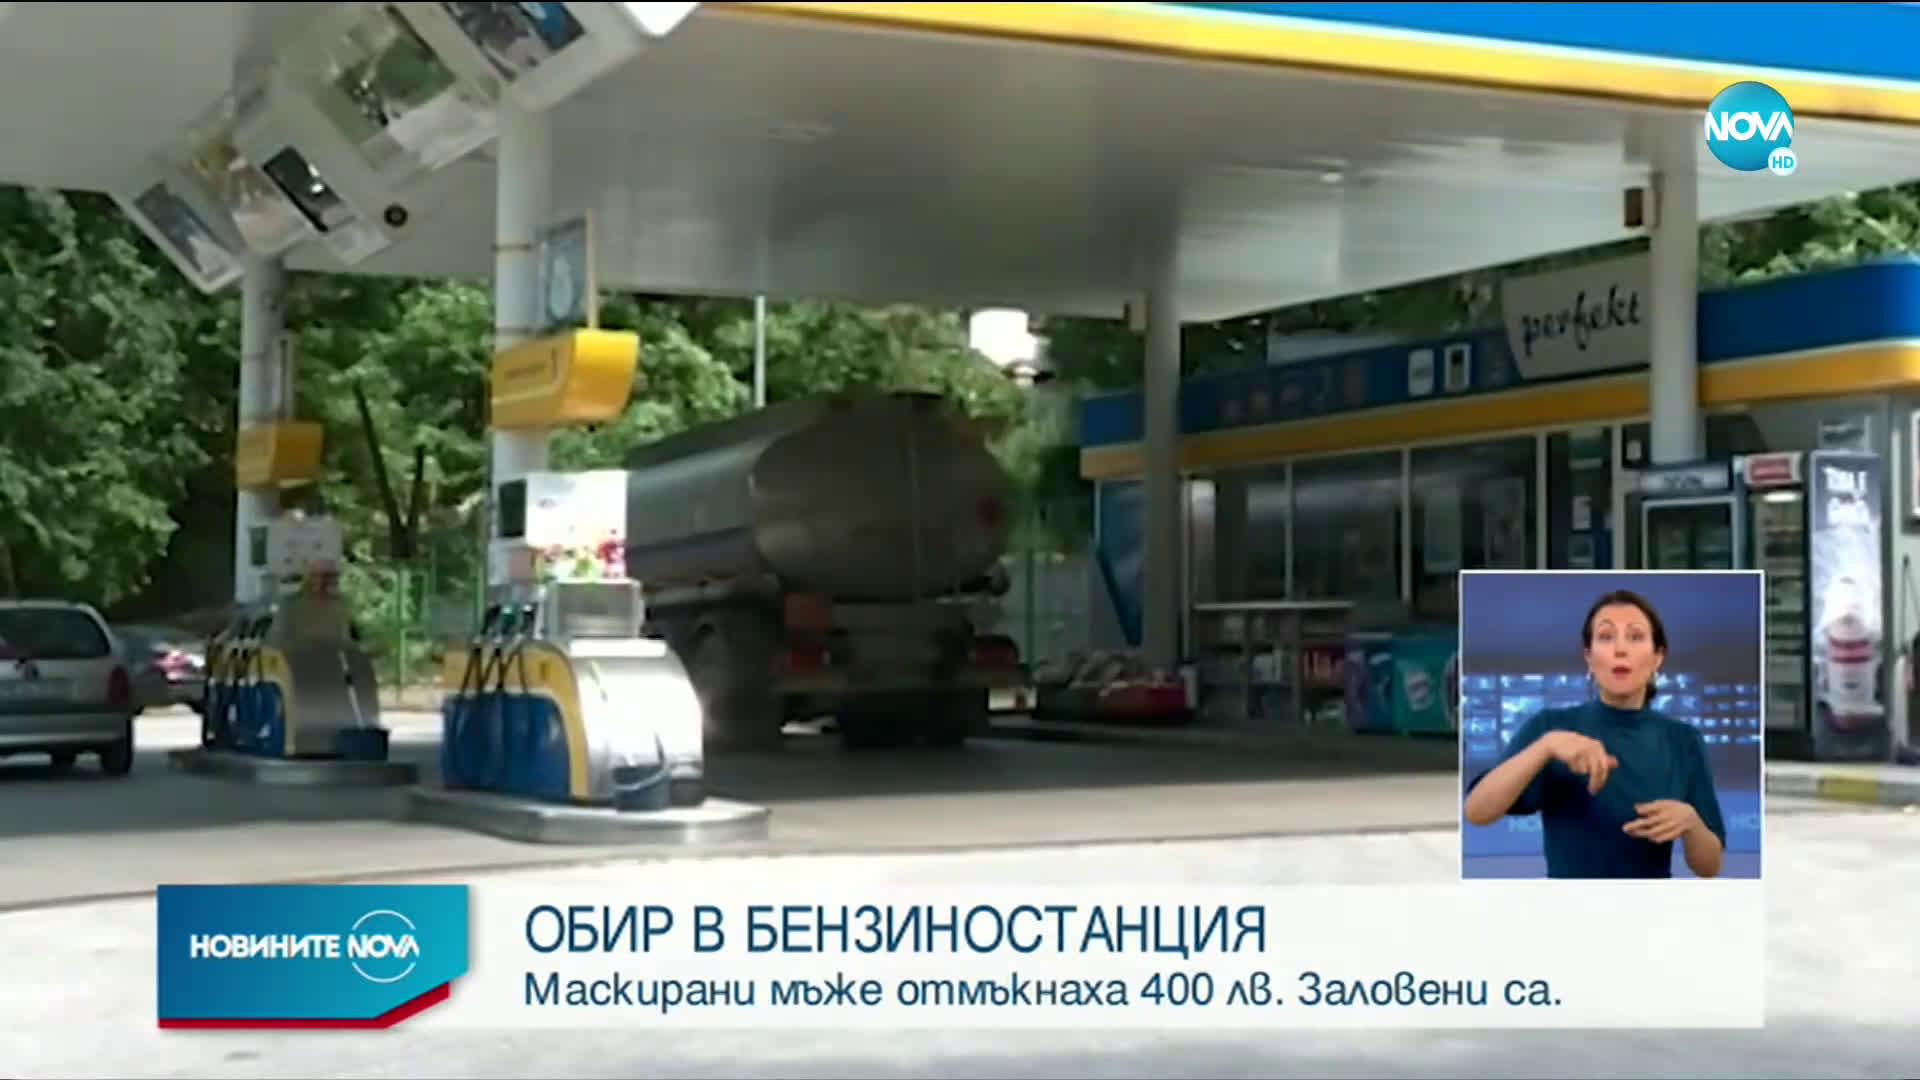 Въоръжен обир на бензиностанция в Пазарджишко